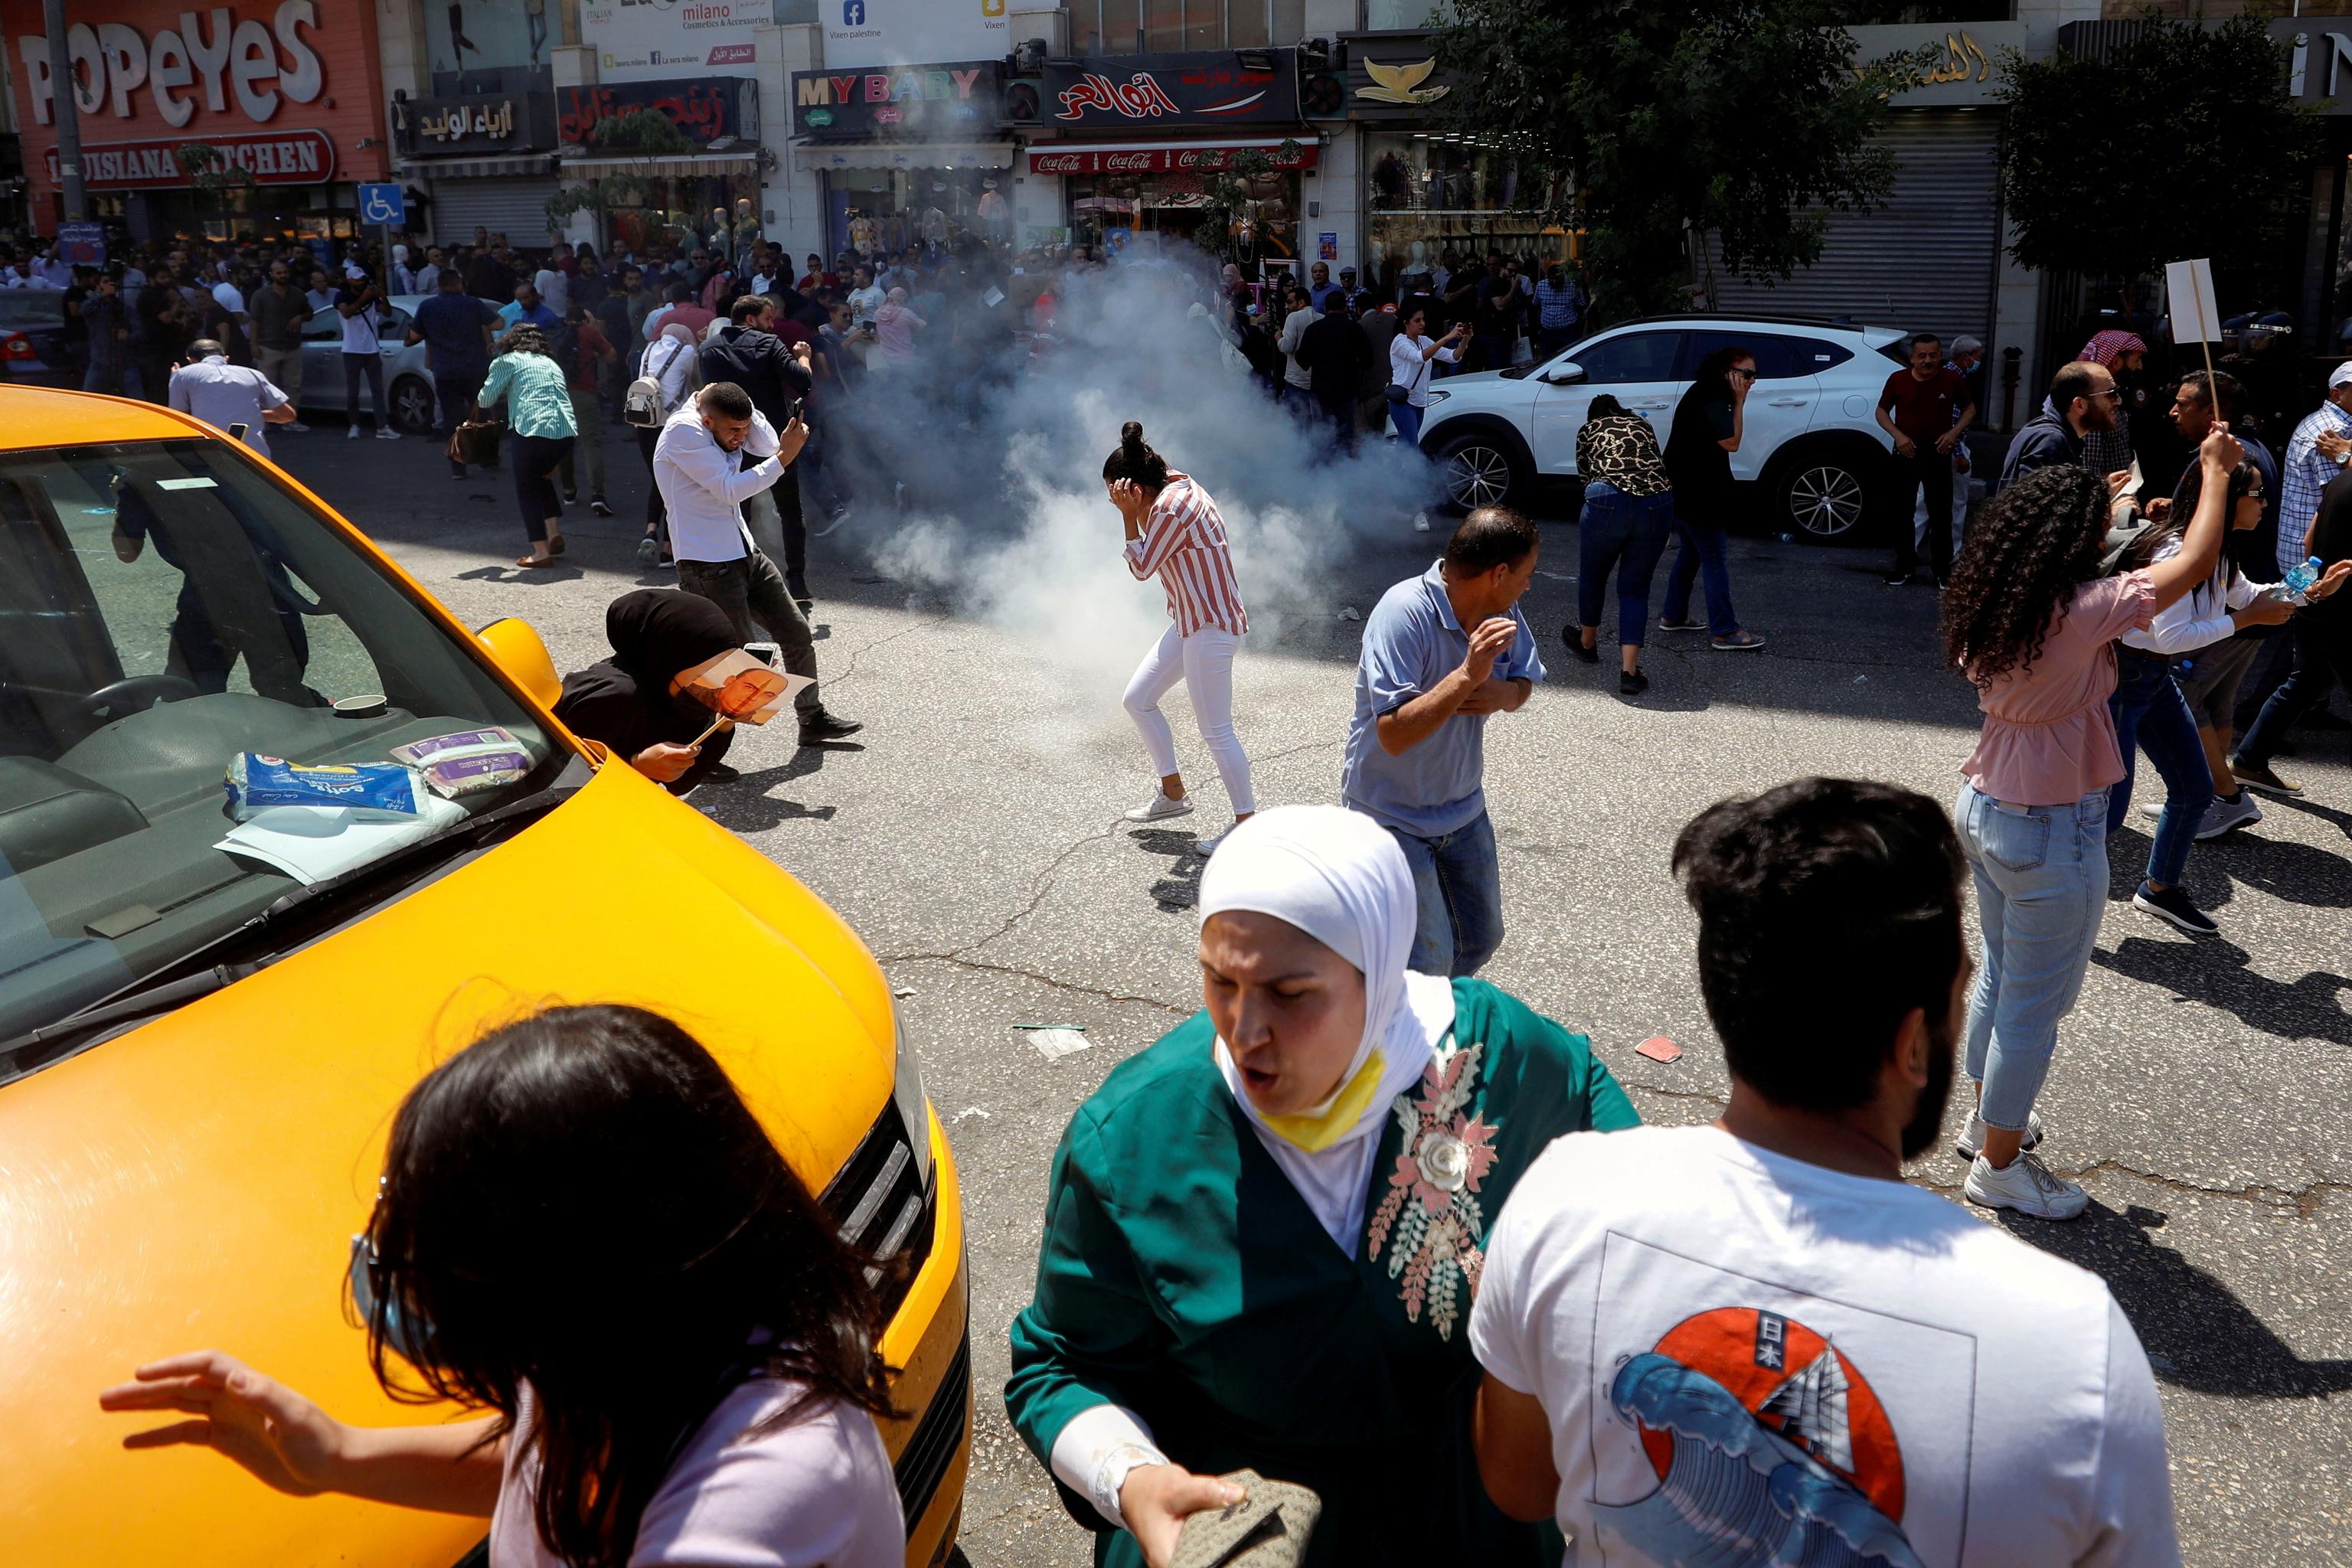 معترضین با گاز اشک آور پراکنده شدند